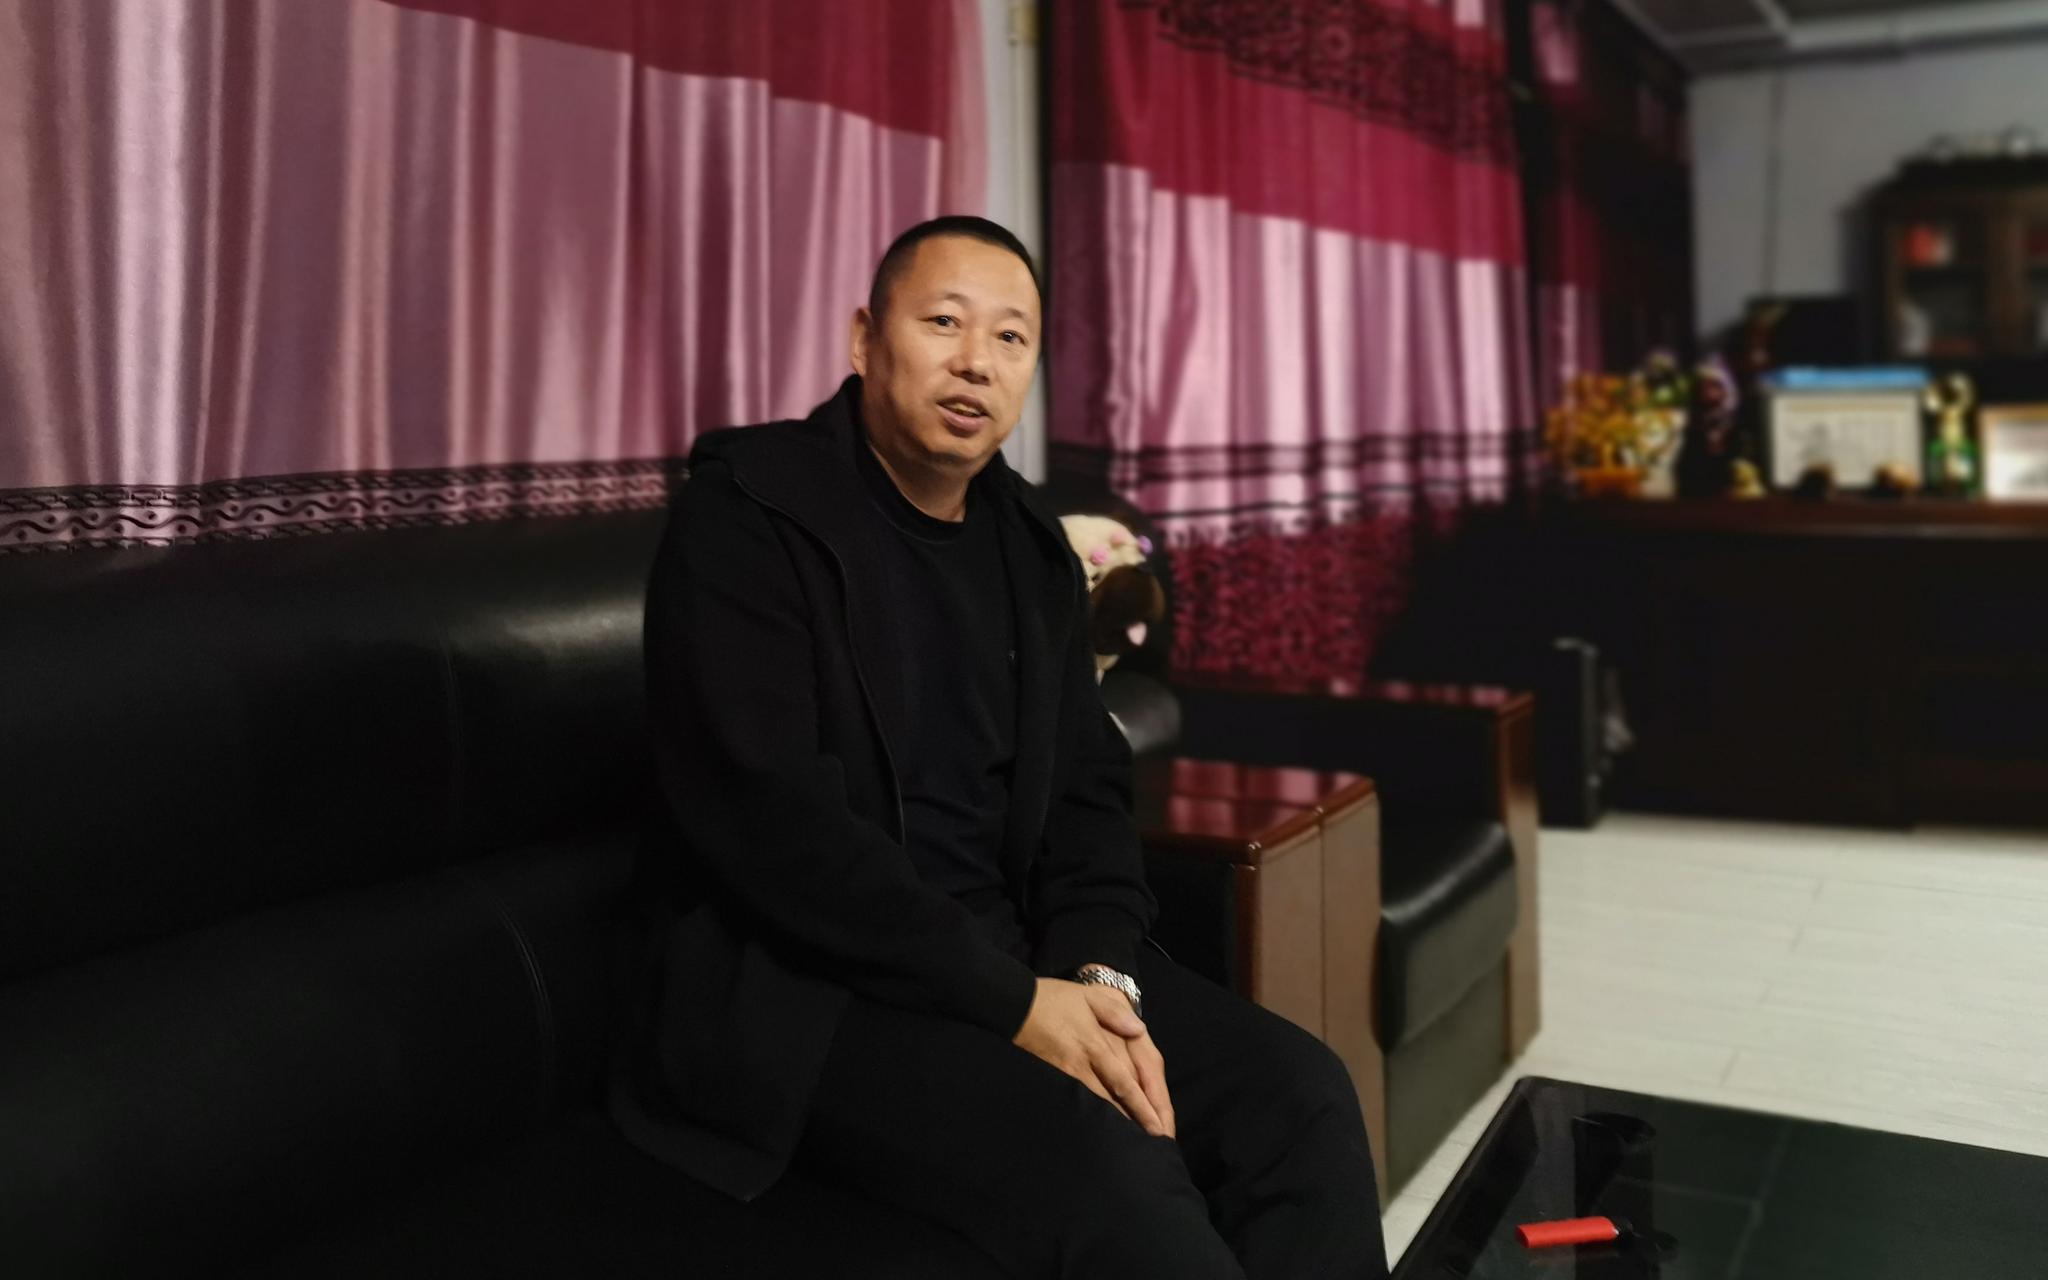 李峰经营了一家种猪养殖场。新京报记者 周怀宗 摄